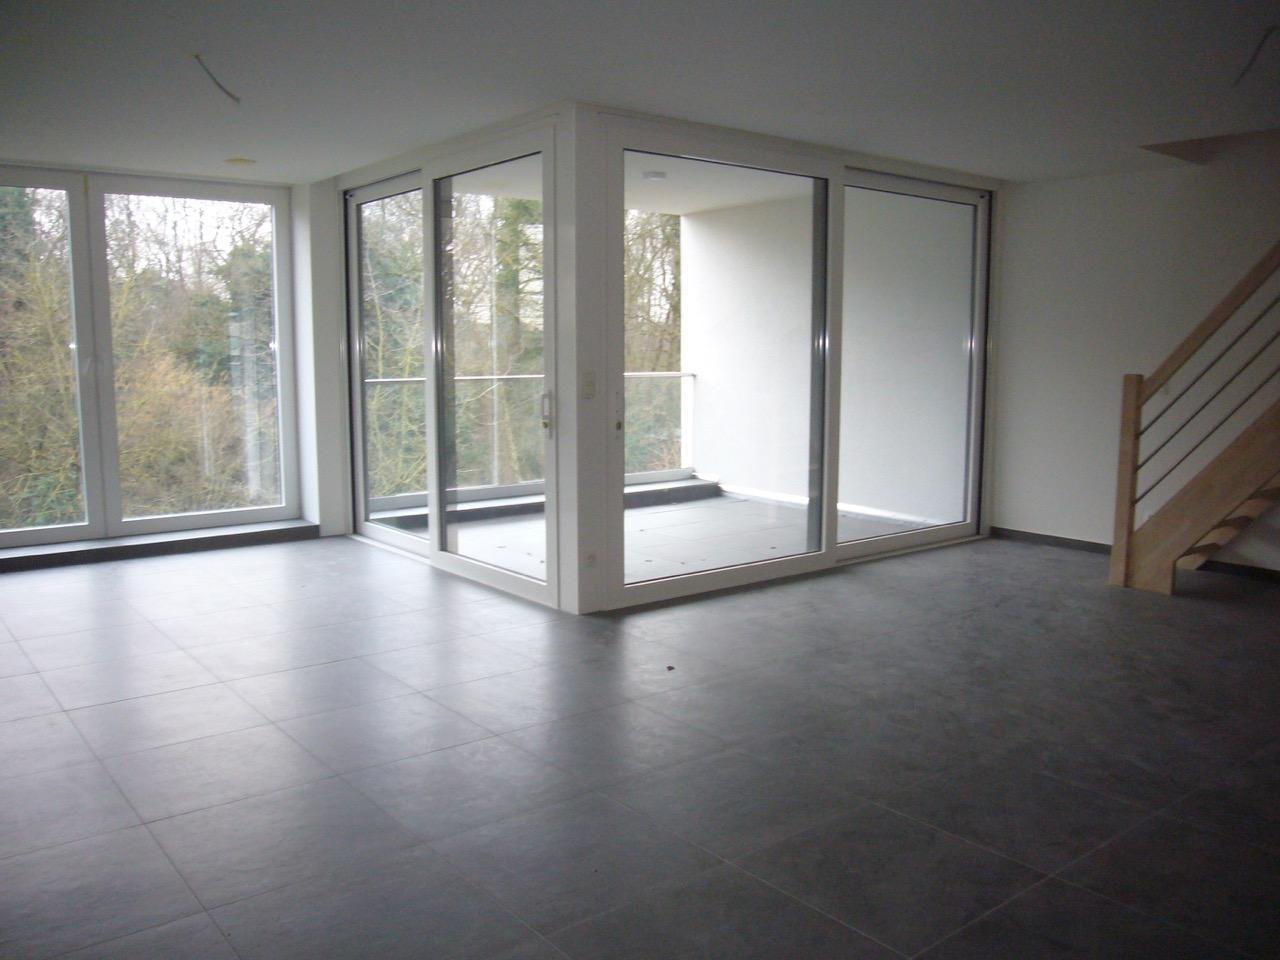 JURIMEX - Genk, Duplex - Prachtig nieuwbouw duplexappartement met 2 ...